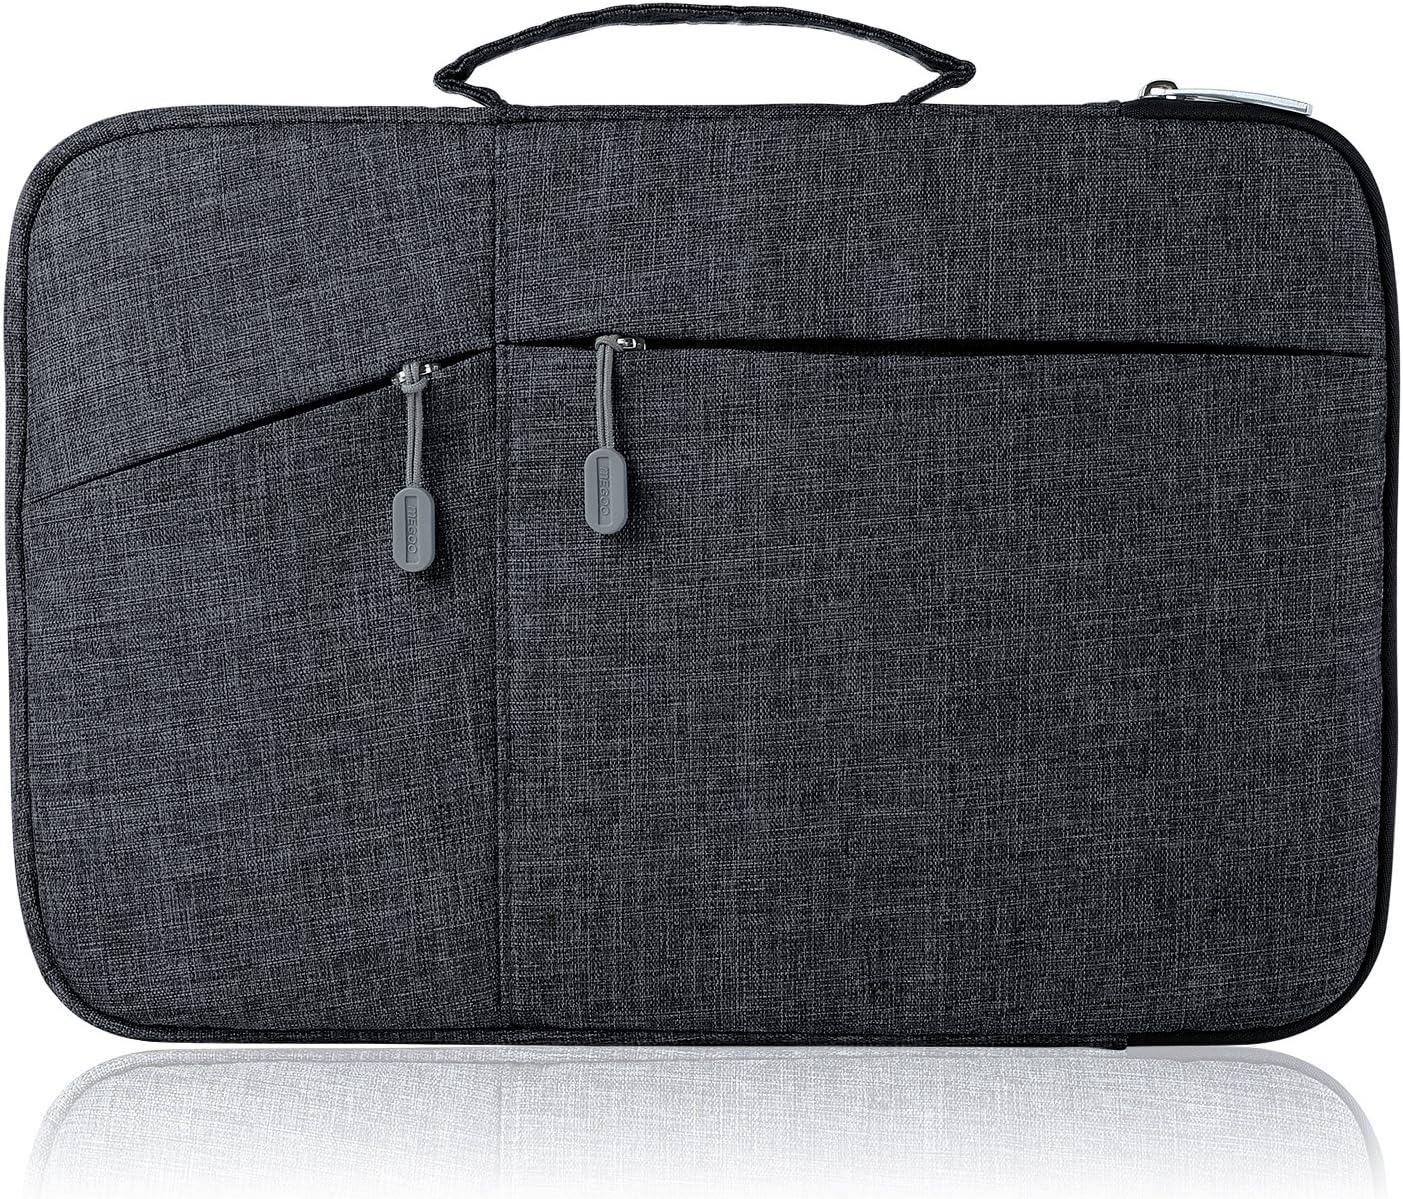 Surface pro 6 case,Surface laptop case,Surface pro sleeve,Surface pro case,Surface pro 3 case,Microsoft surface laptop case,Laptop case